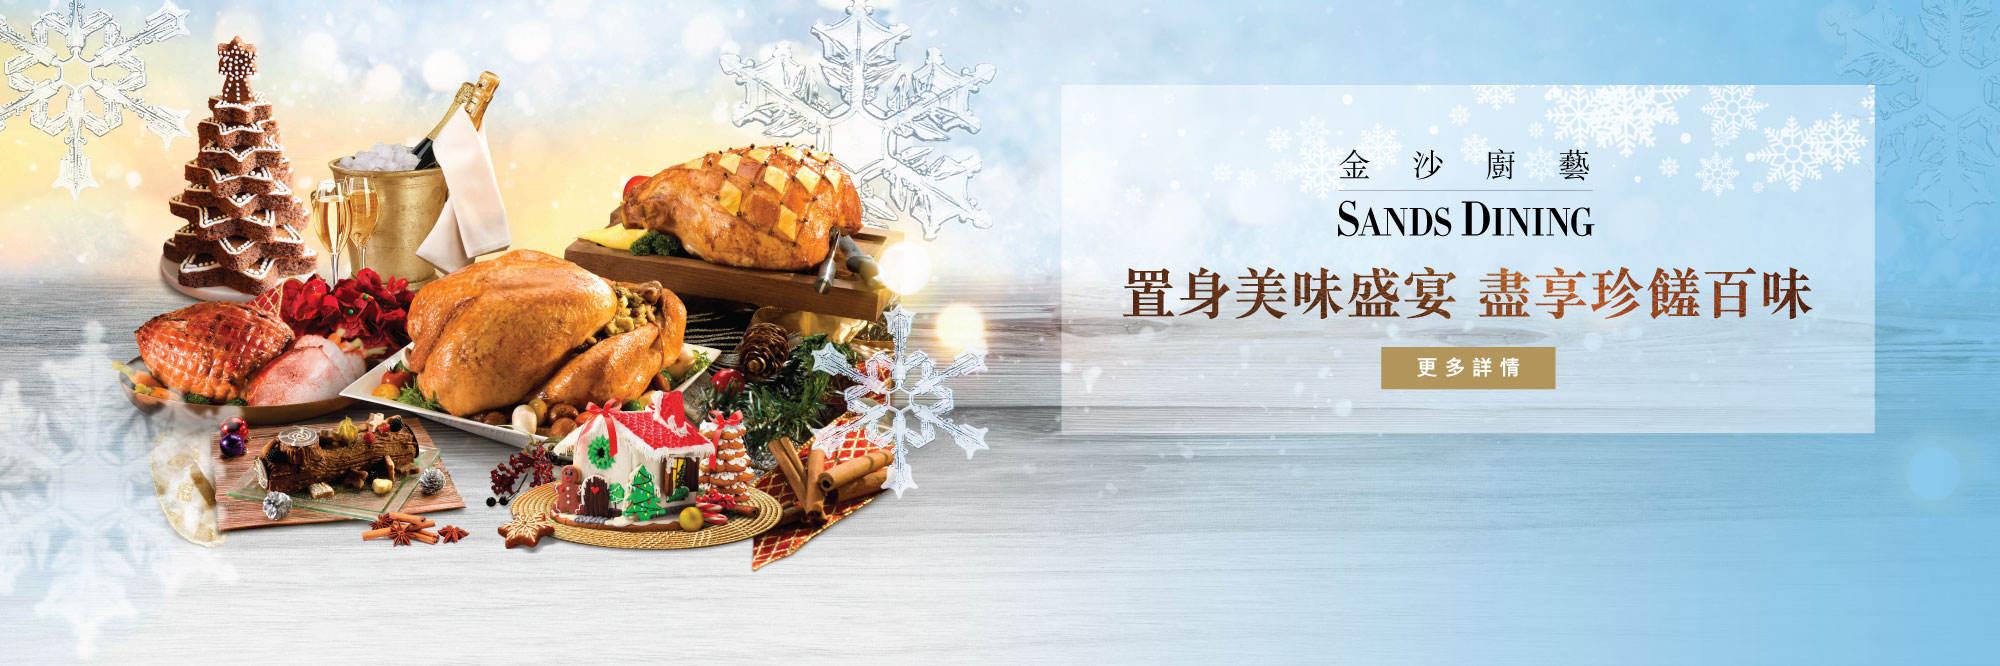 https://assets.sandsresortsmacao.cn/content/sandsresortsmacao/promotions/stay-2-nights-offer/cta-banner_2000x666_tc.jpg